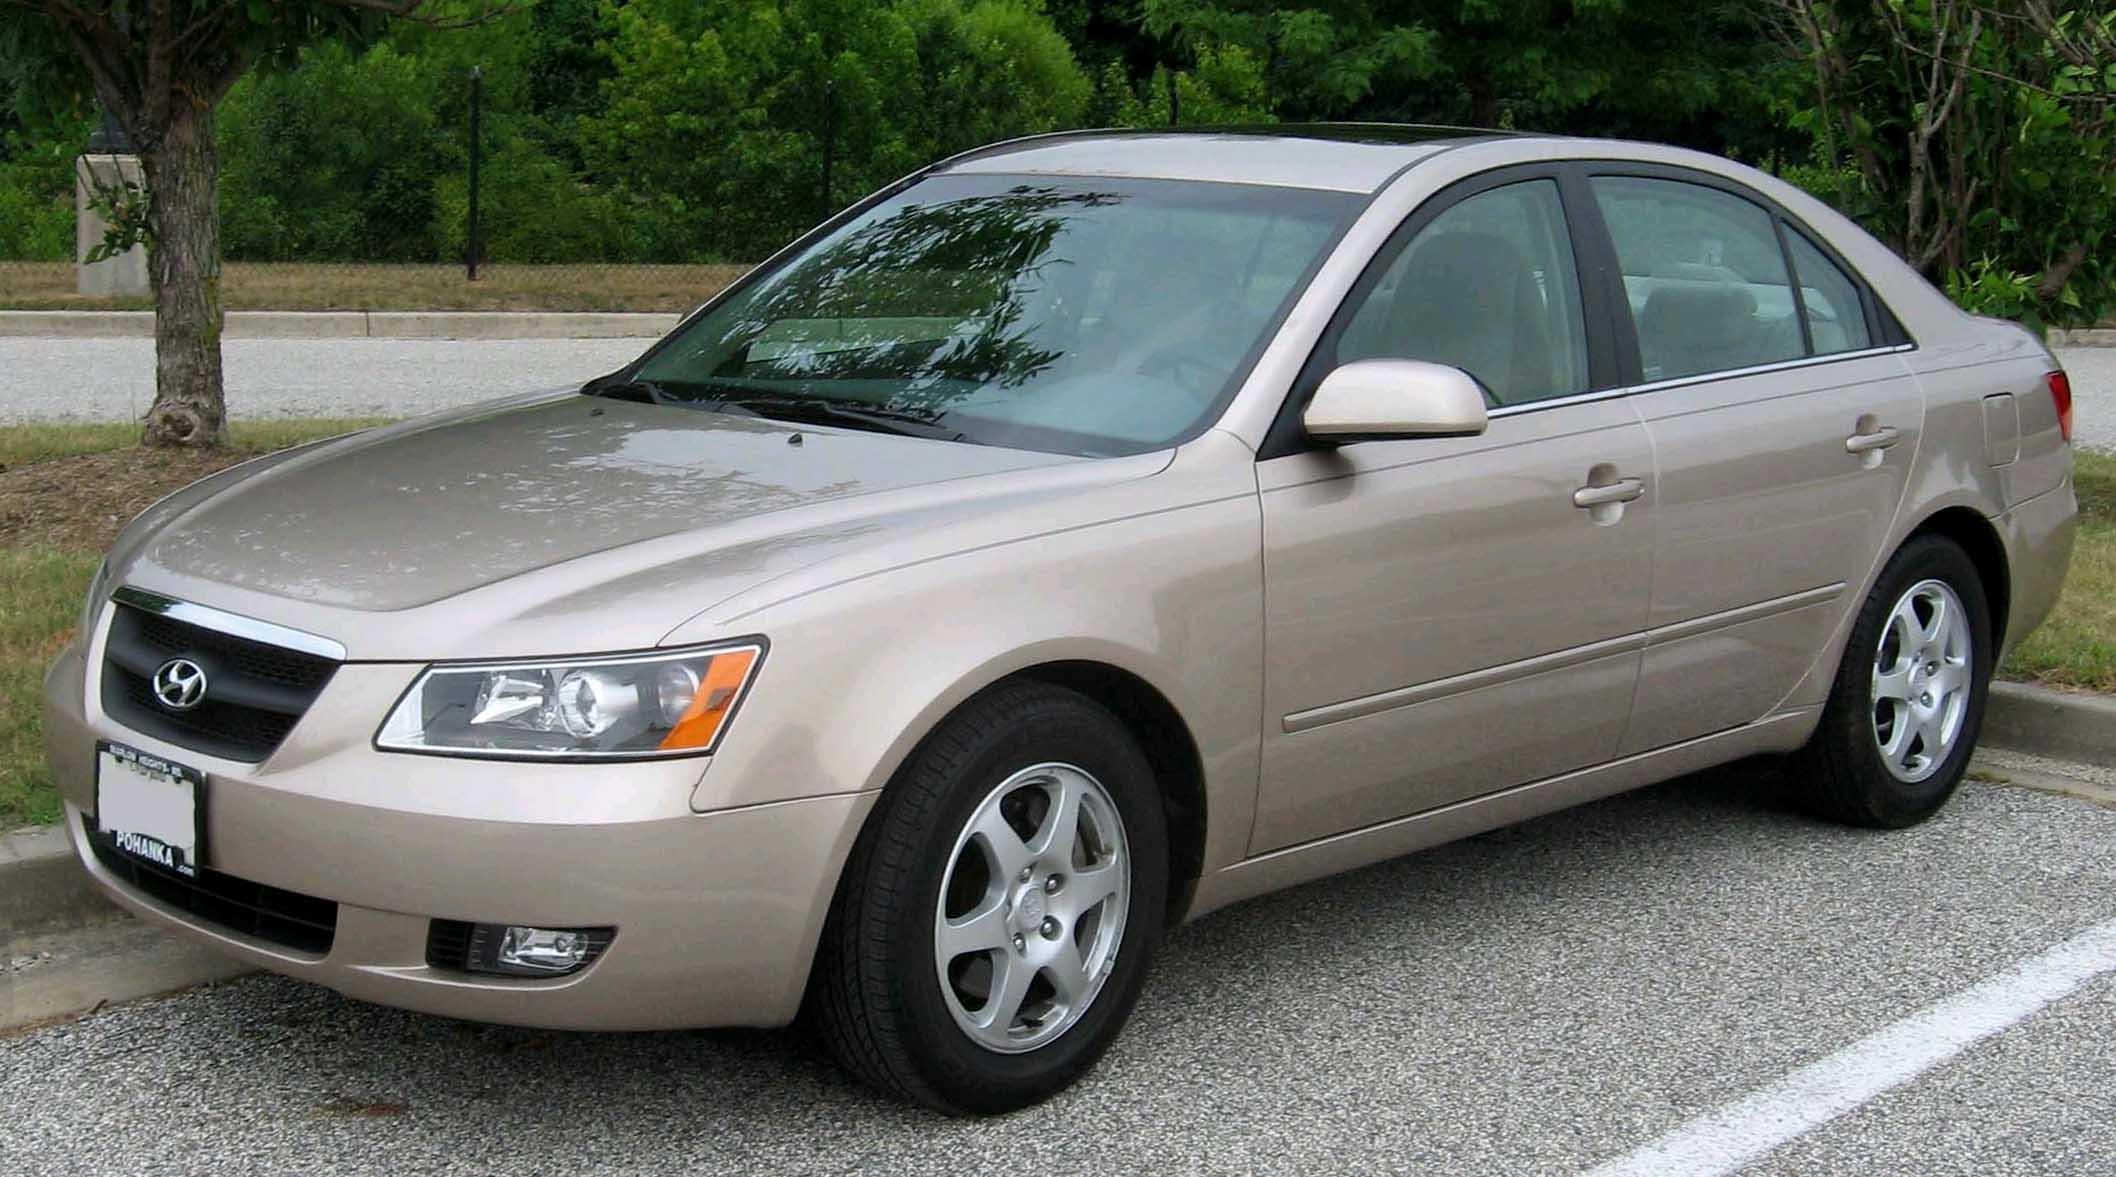 Superb File:2006 2007 Hyundai Sonata GLS V6